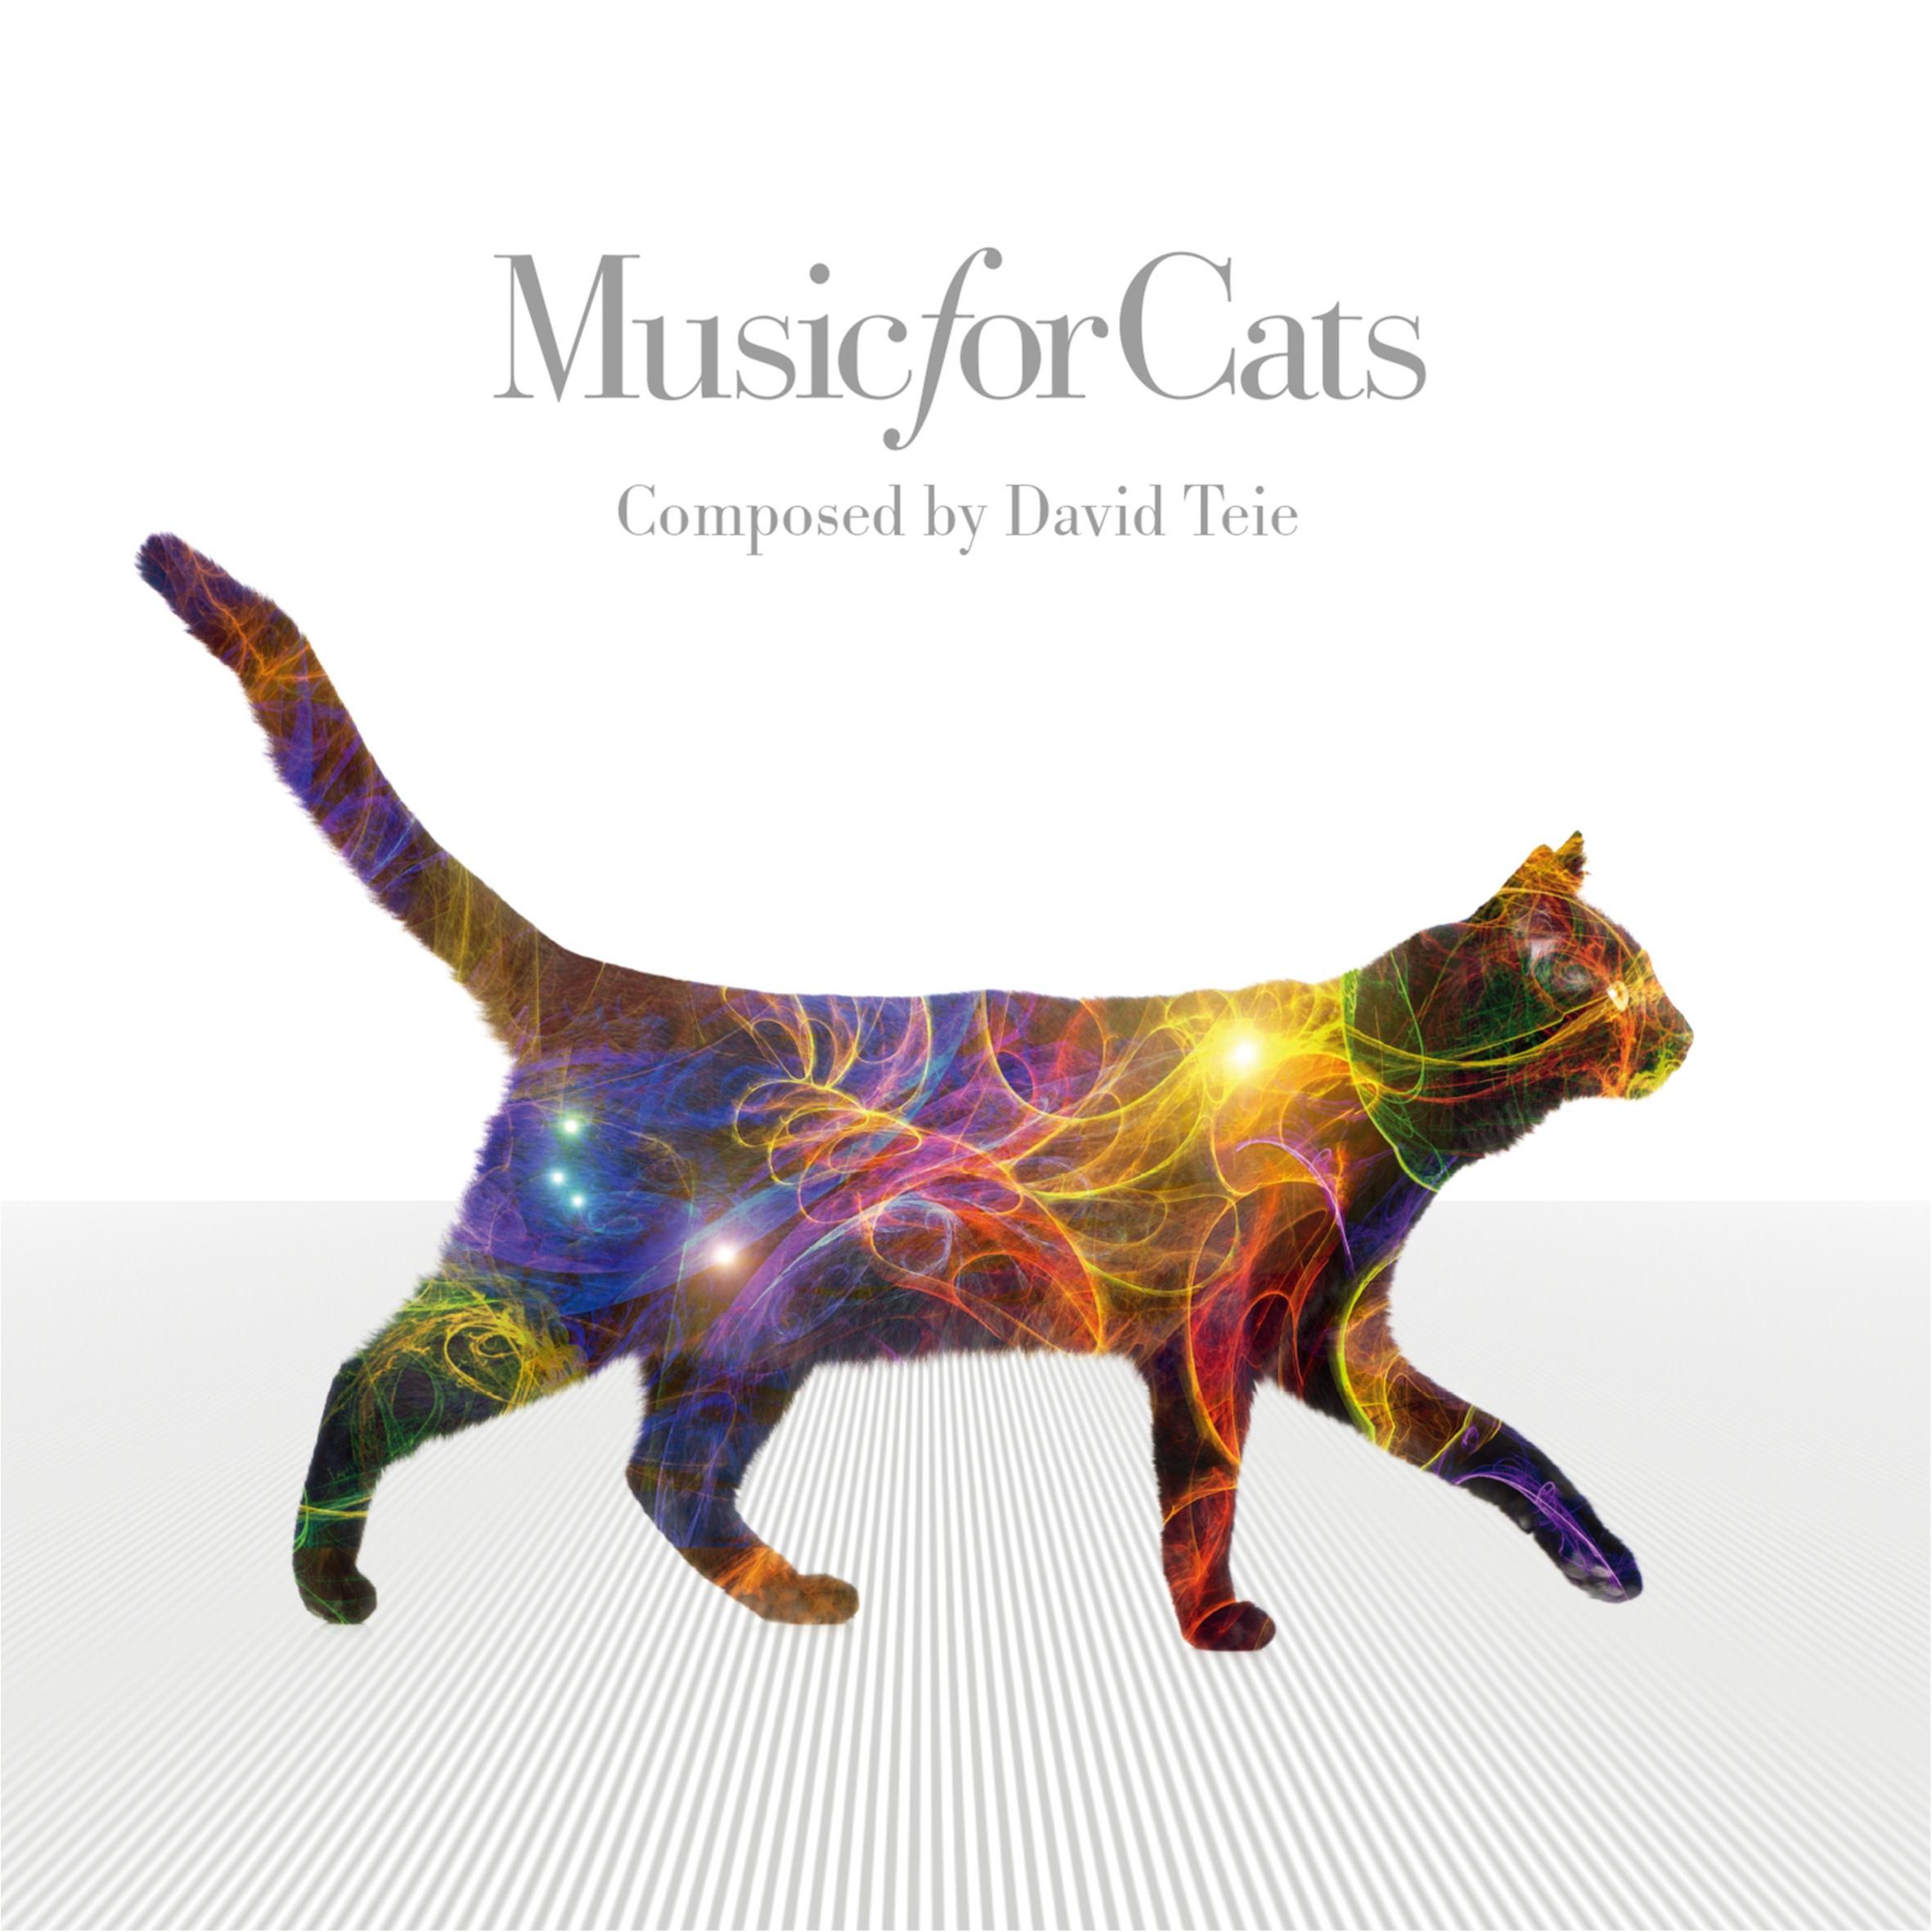 にゃんこのためのミャウジック♬ 猫飼いさん必見の「ねこのための音楽」CD、知ってる?_1